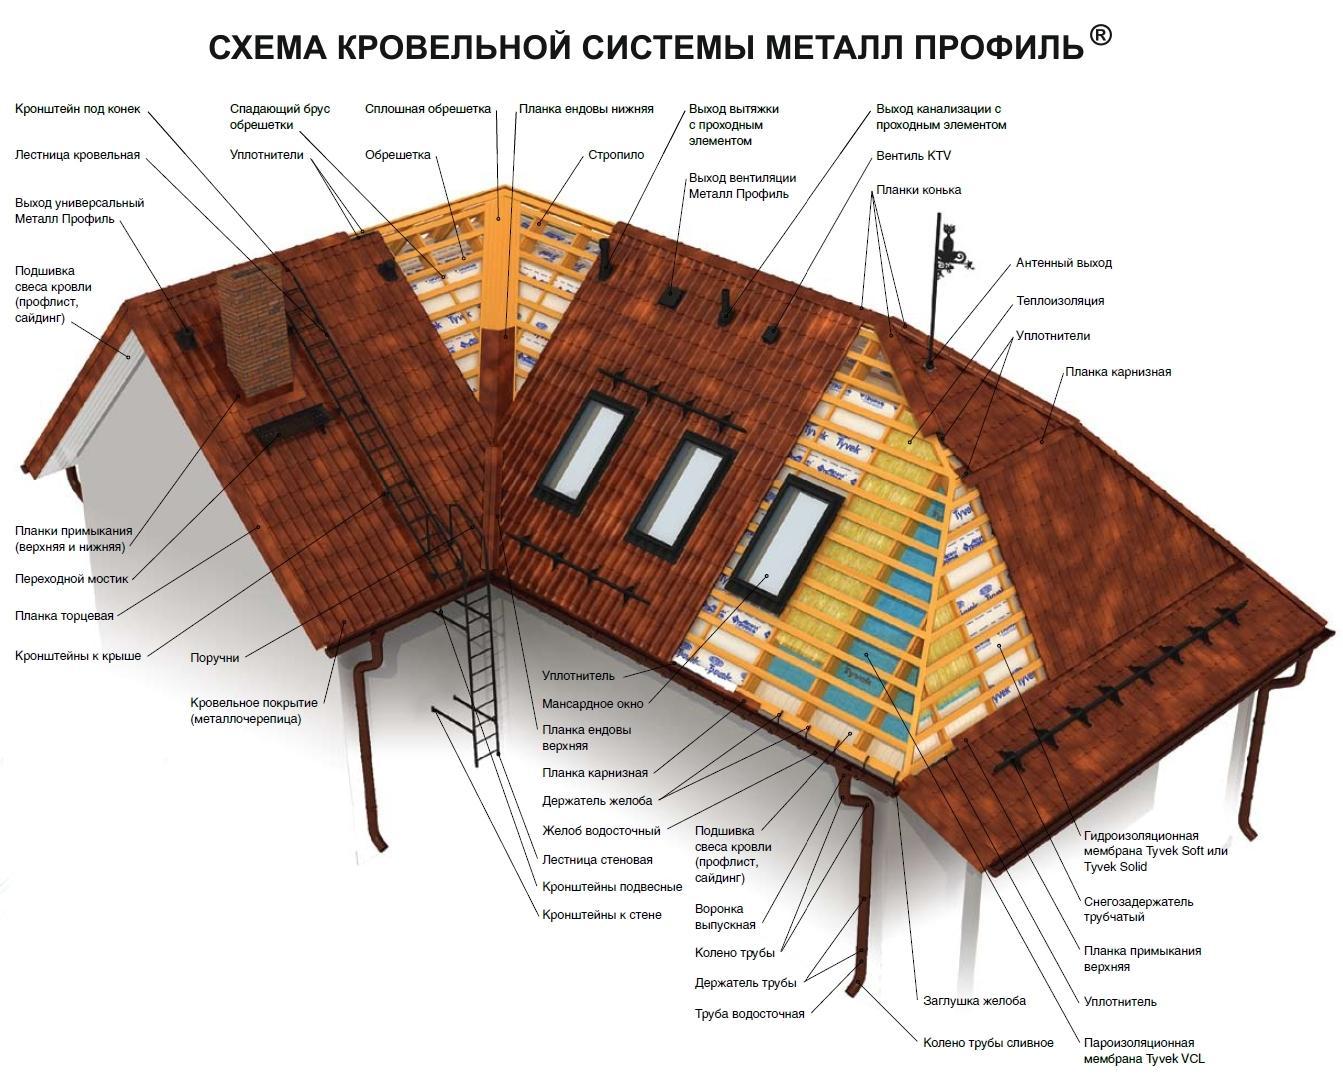 Качественно выполненные кровельные работы— залог долговечности крыши